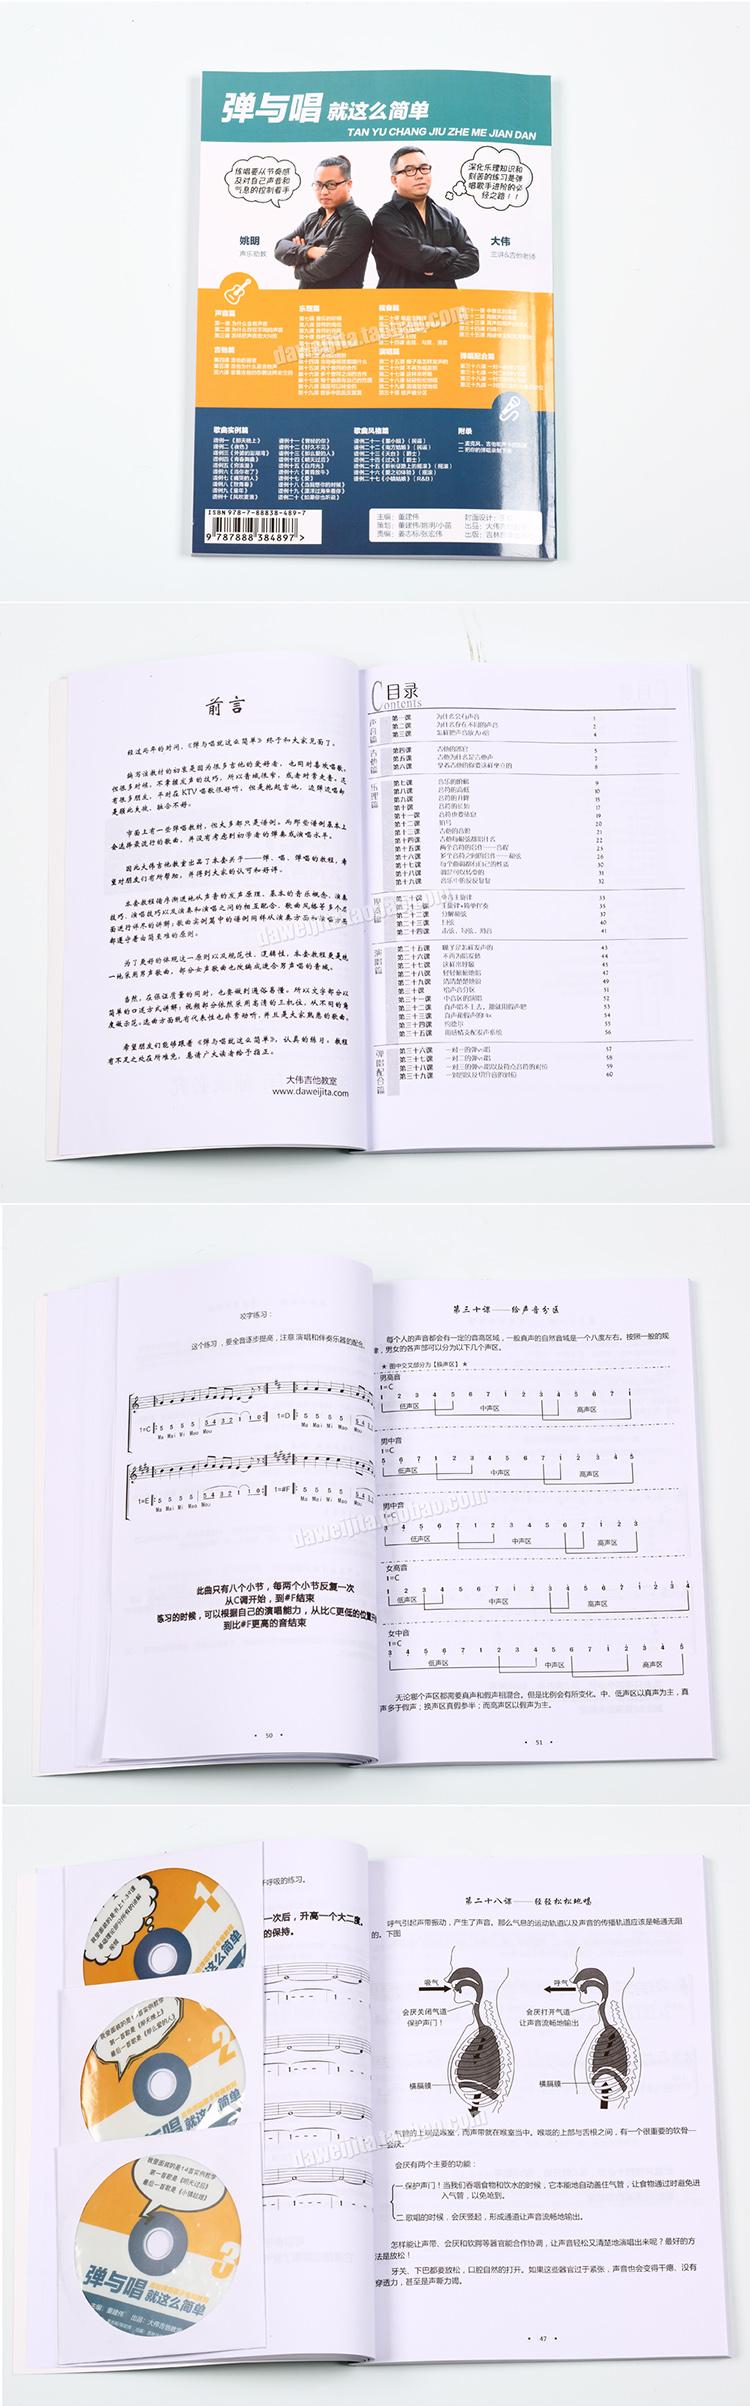 《弹与唱就这么简单》教材介绍